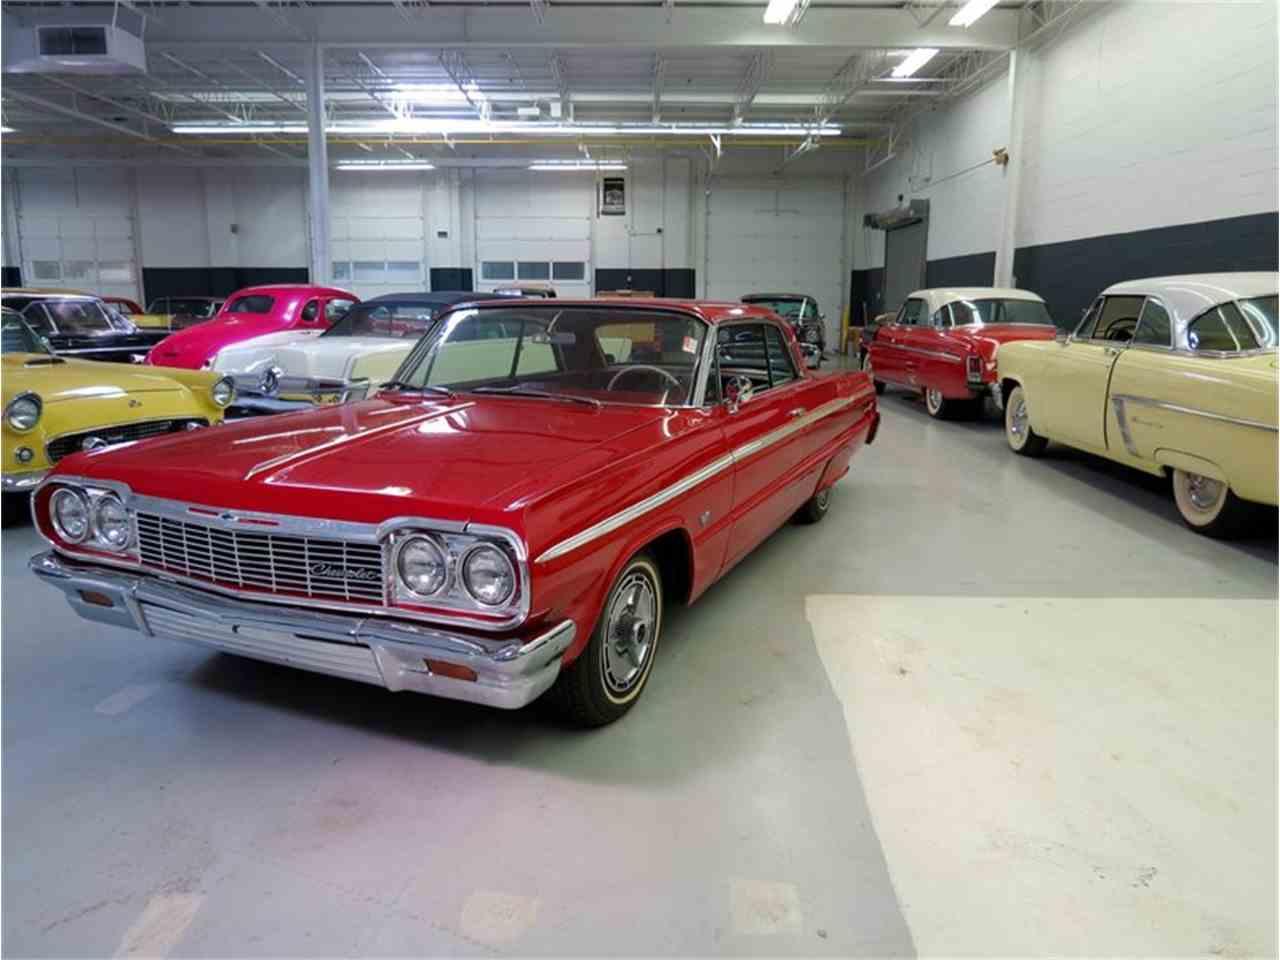 Impala 97 chevy impala : 1964 Chevrolet Impala SS for Sale | ClassicCars.com | CC-979545